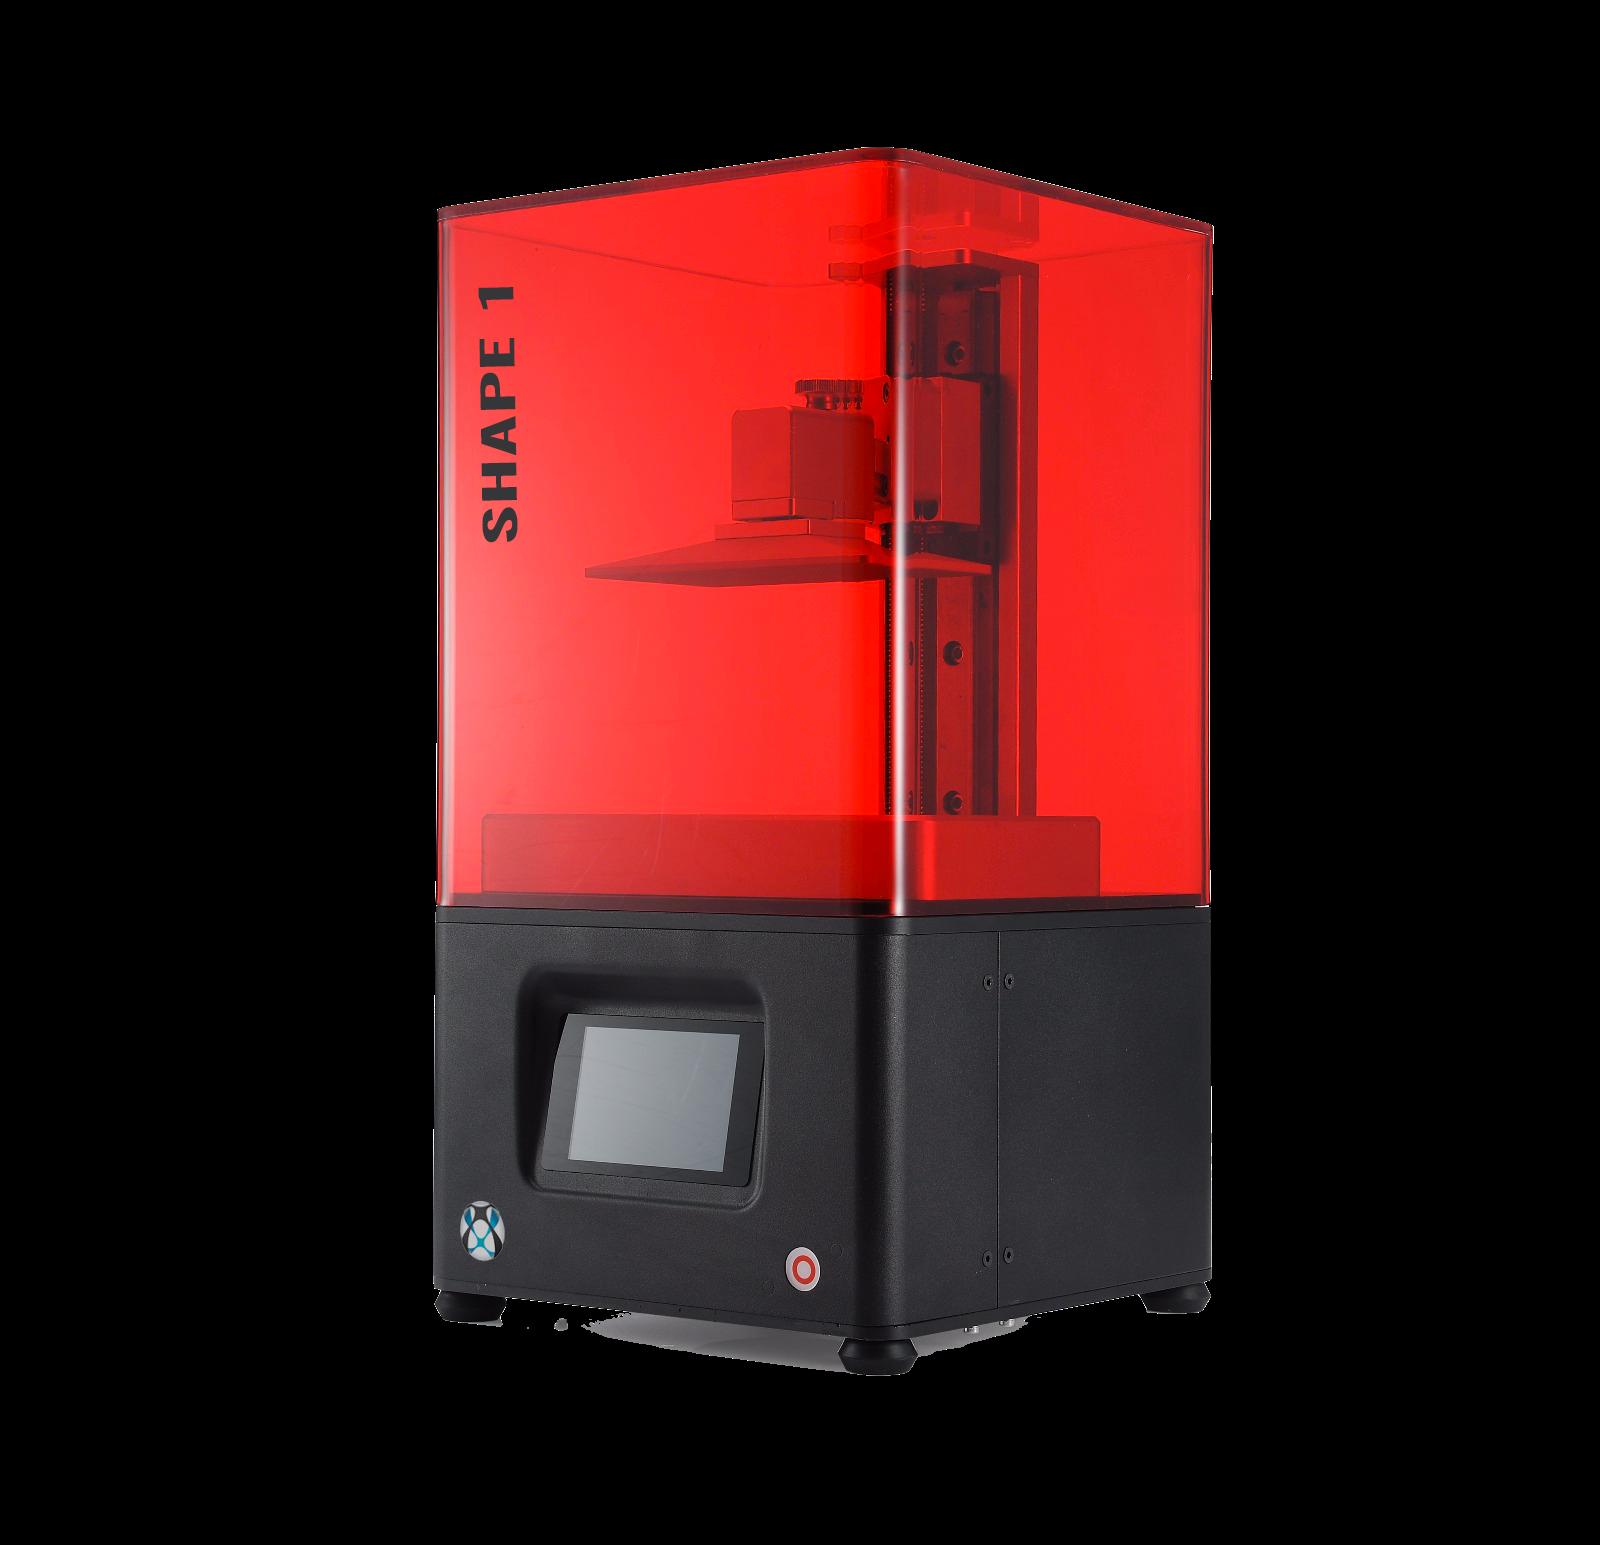 Imprimante 3D de bureau Shape1 de haute précision, pour imprimer des pièces très détaillées, idéale pour la dentisterie, bjjouterie et pièces industrielles.